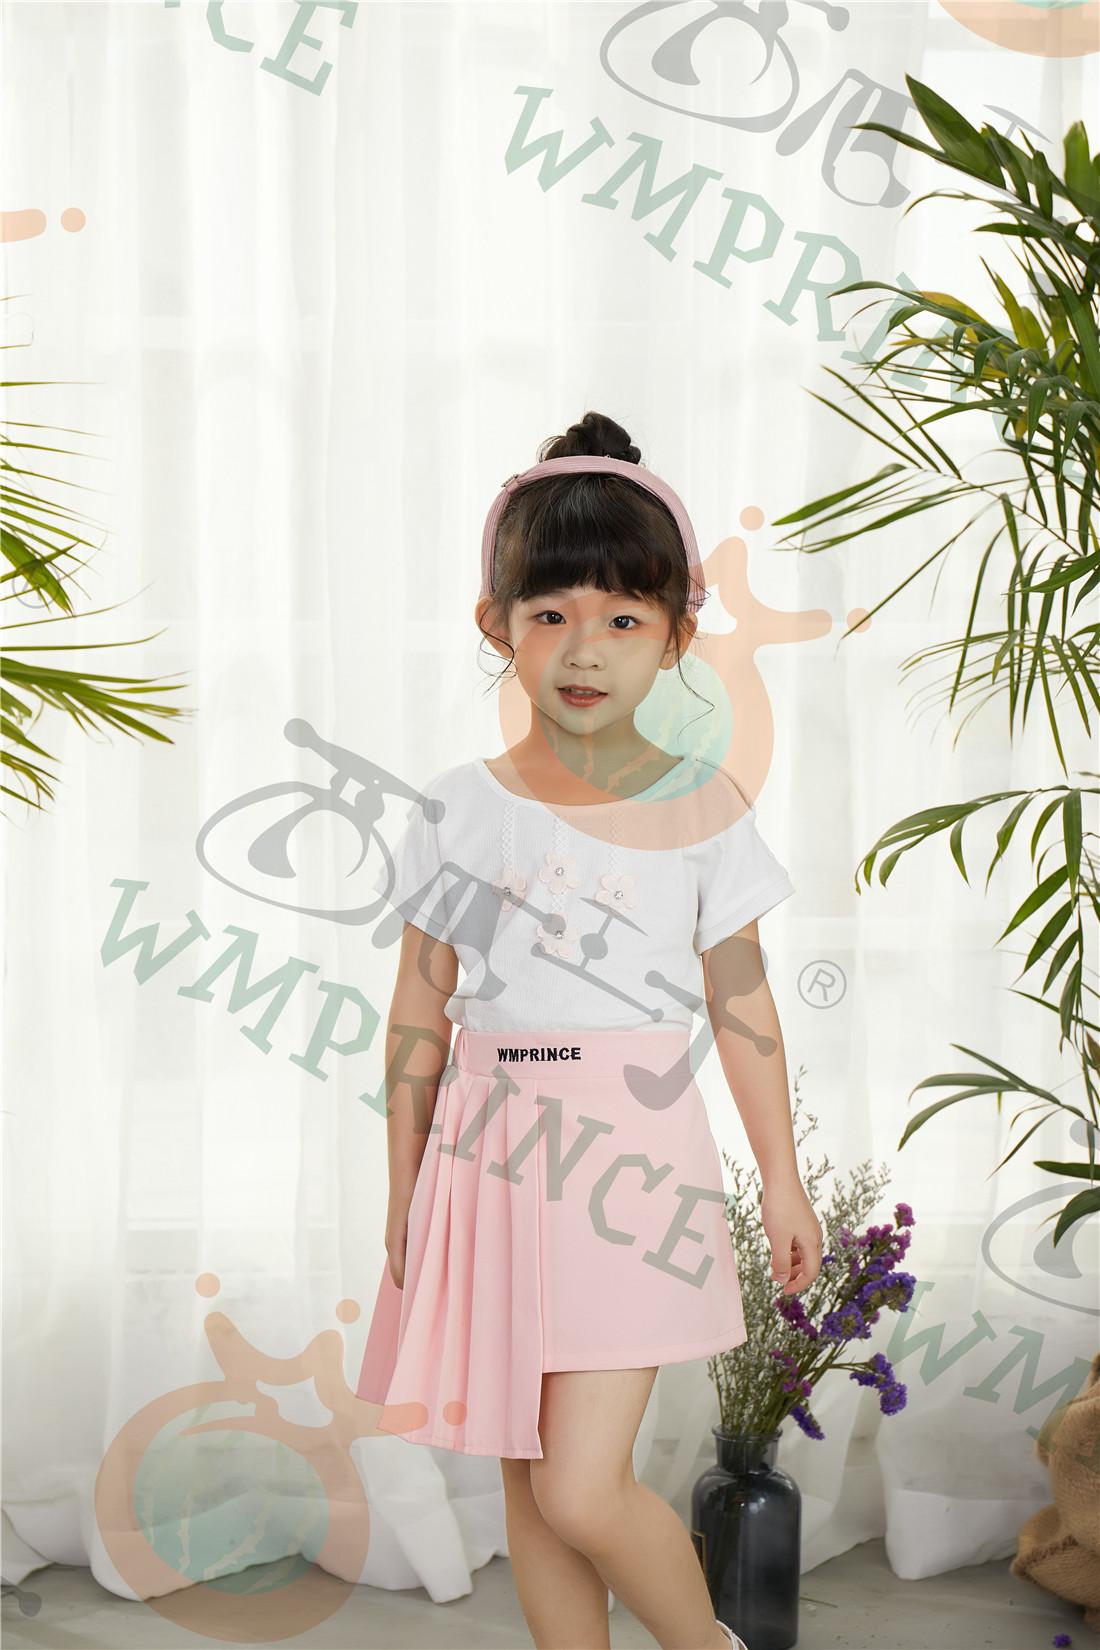 西瓜王子童装,打造属于适合孩子的时尚